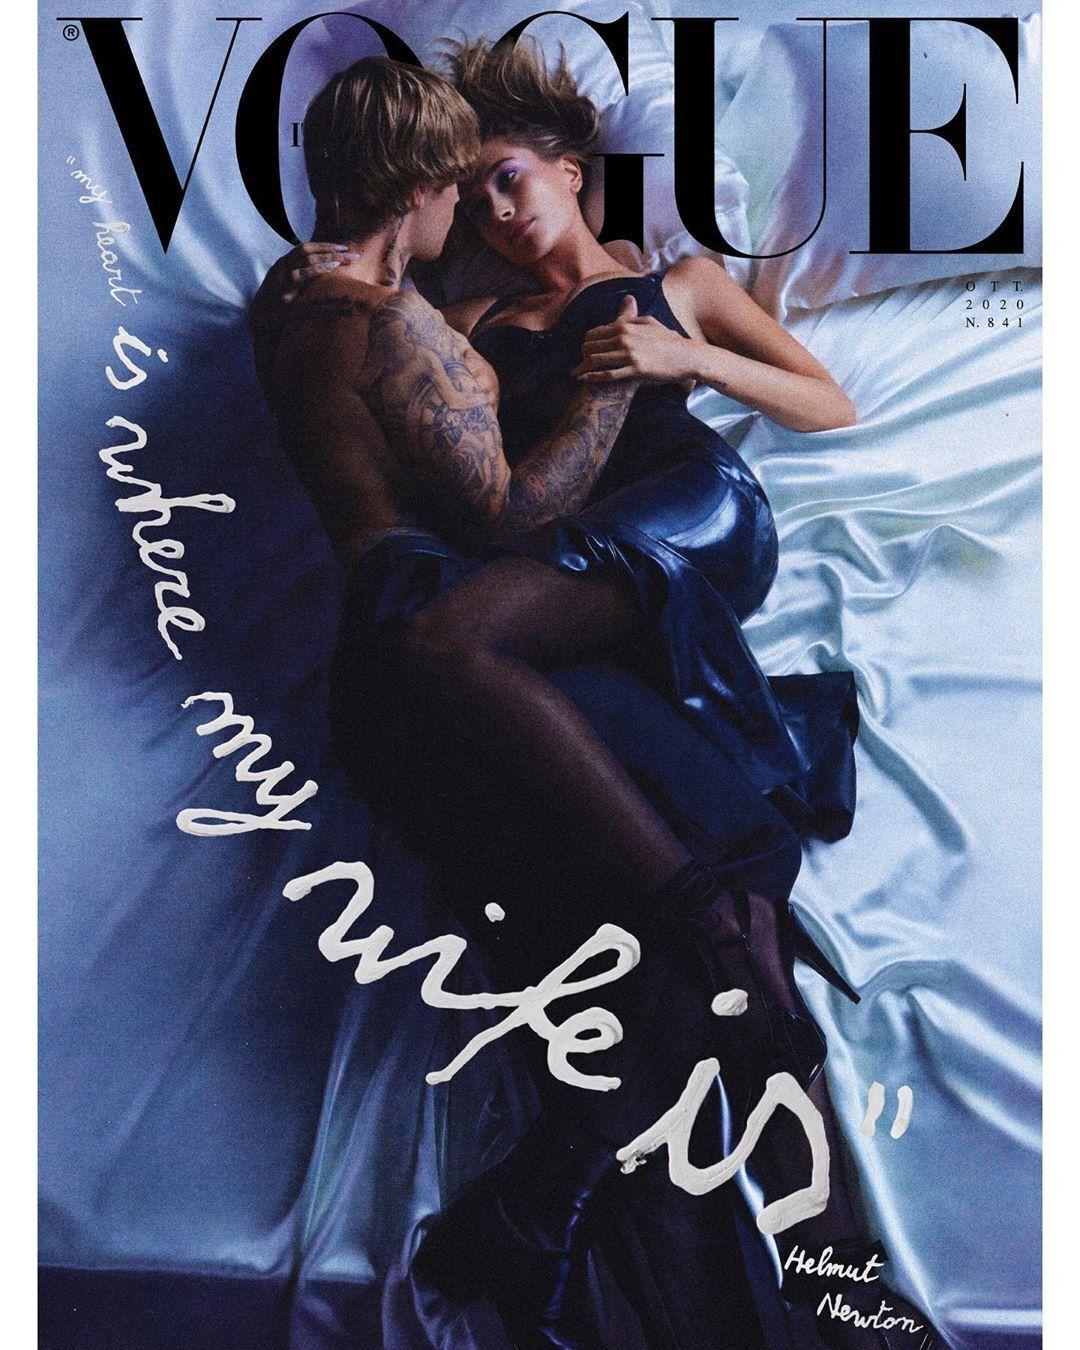 Пара снялась для обложки журнала.